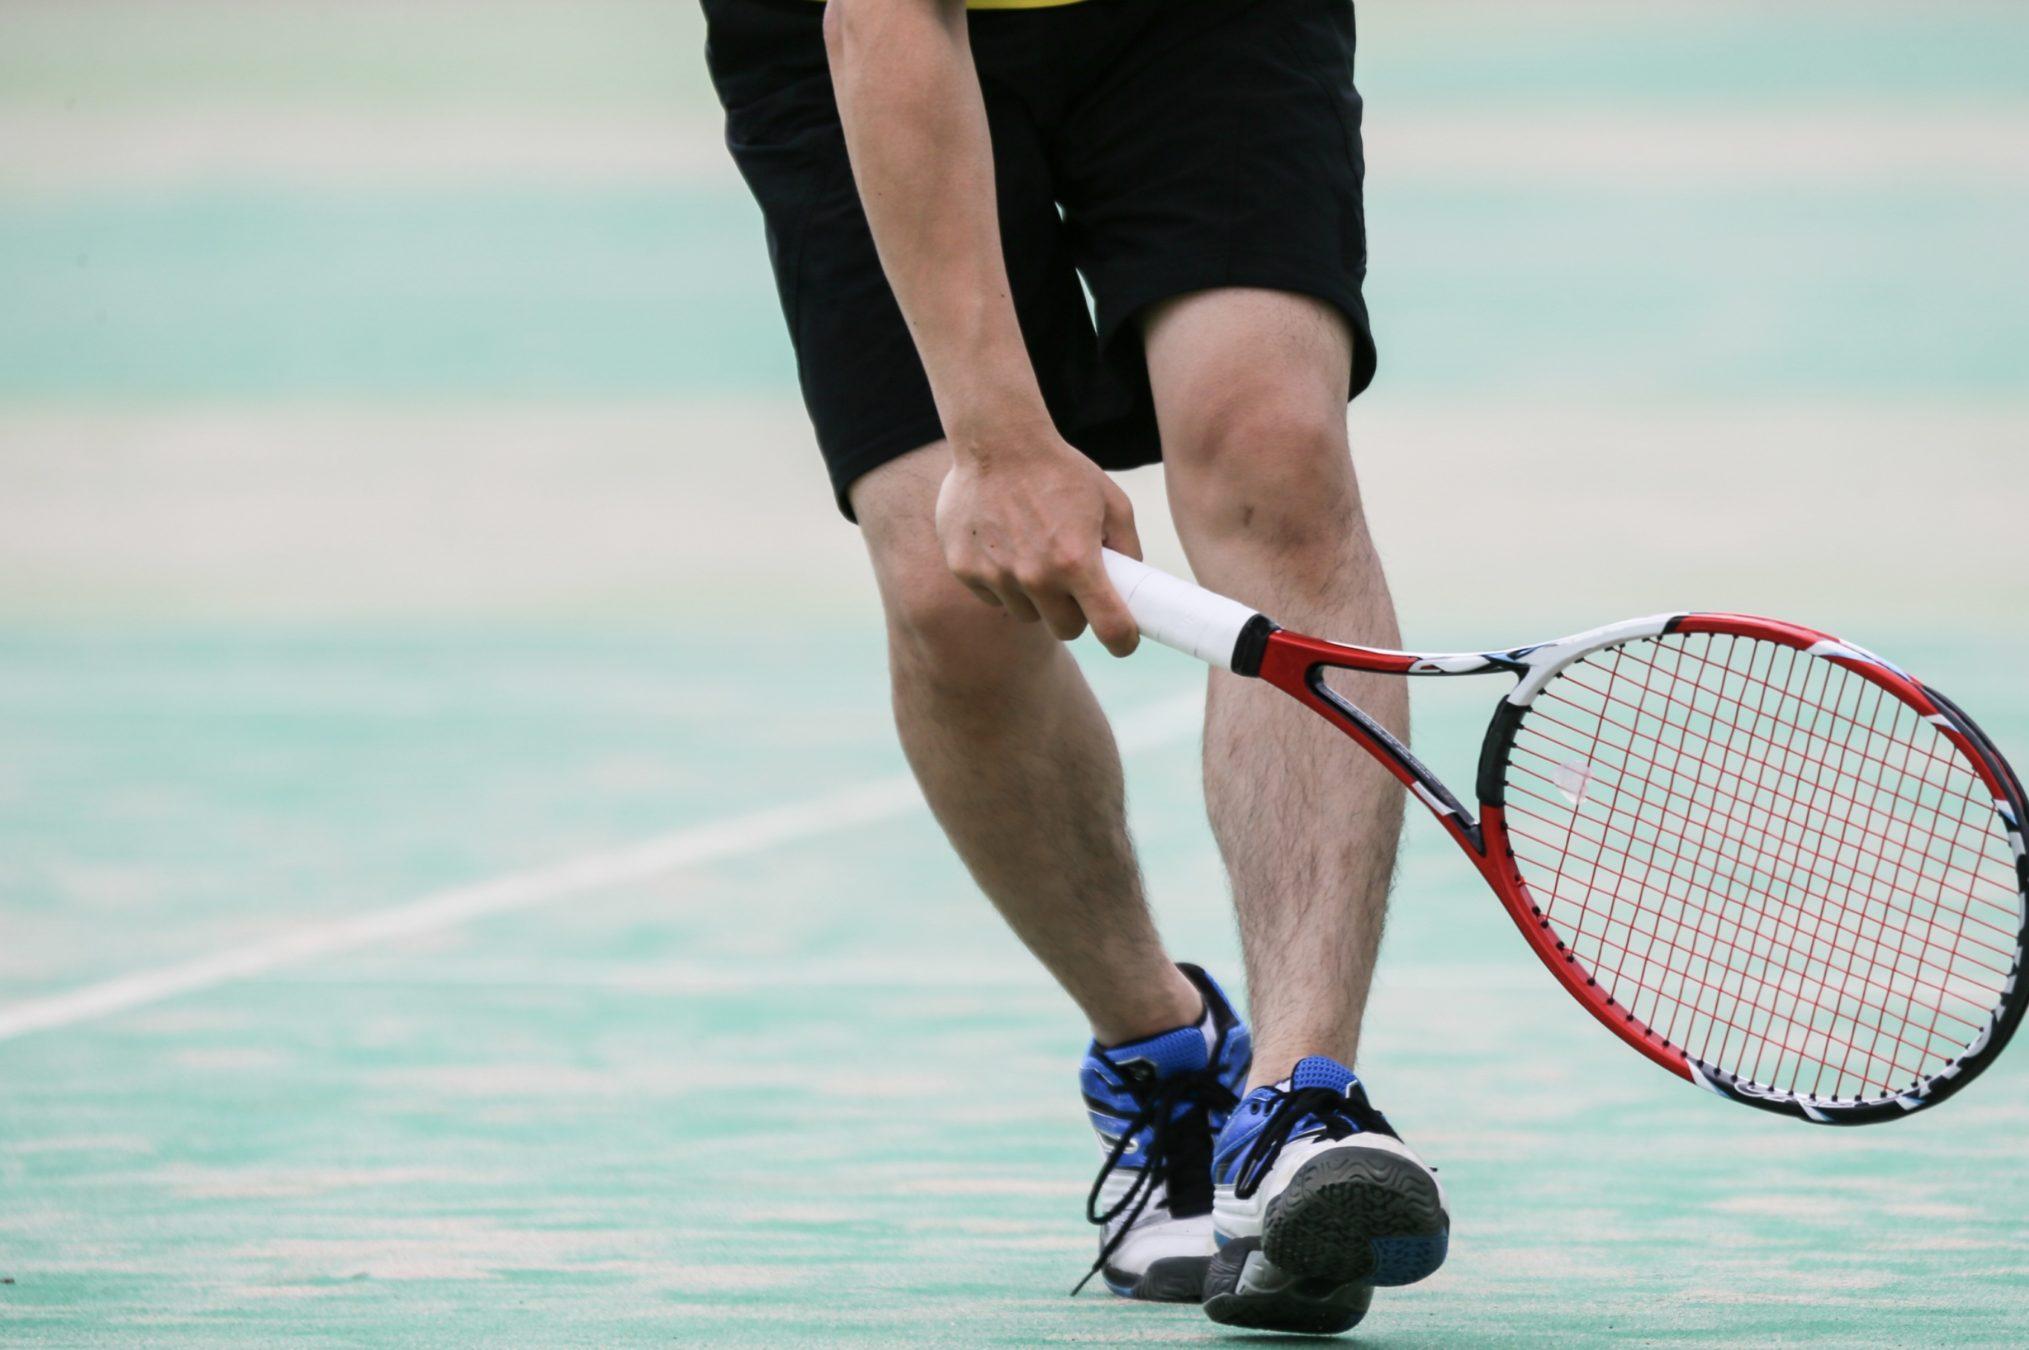 【ショット別】最適なテニスのグリップは?